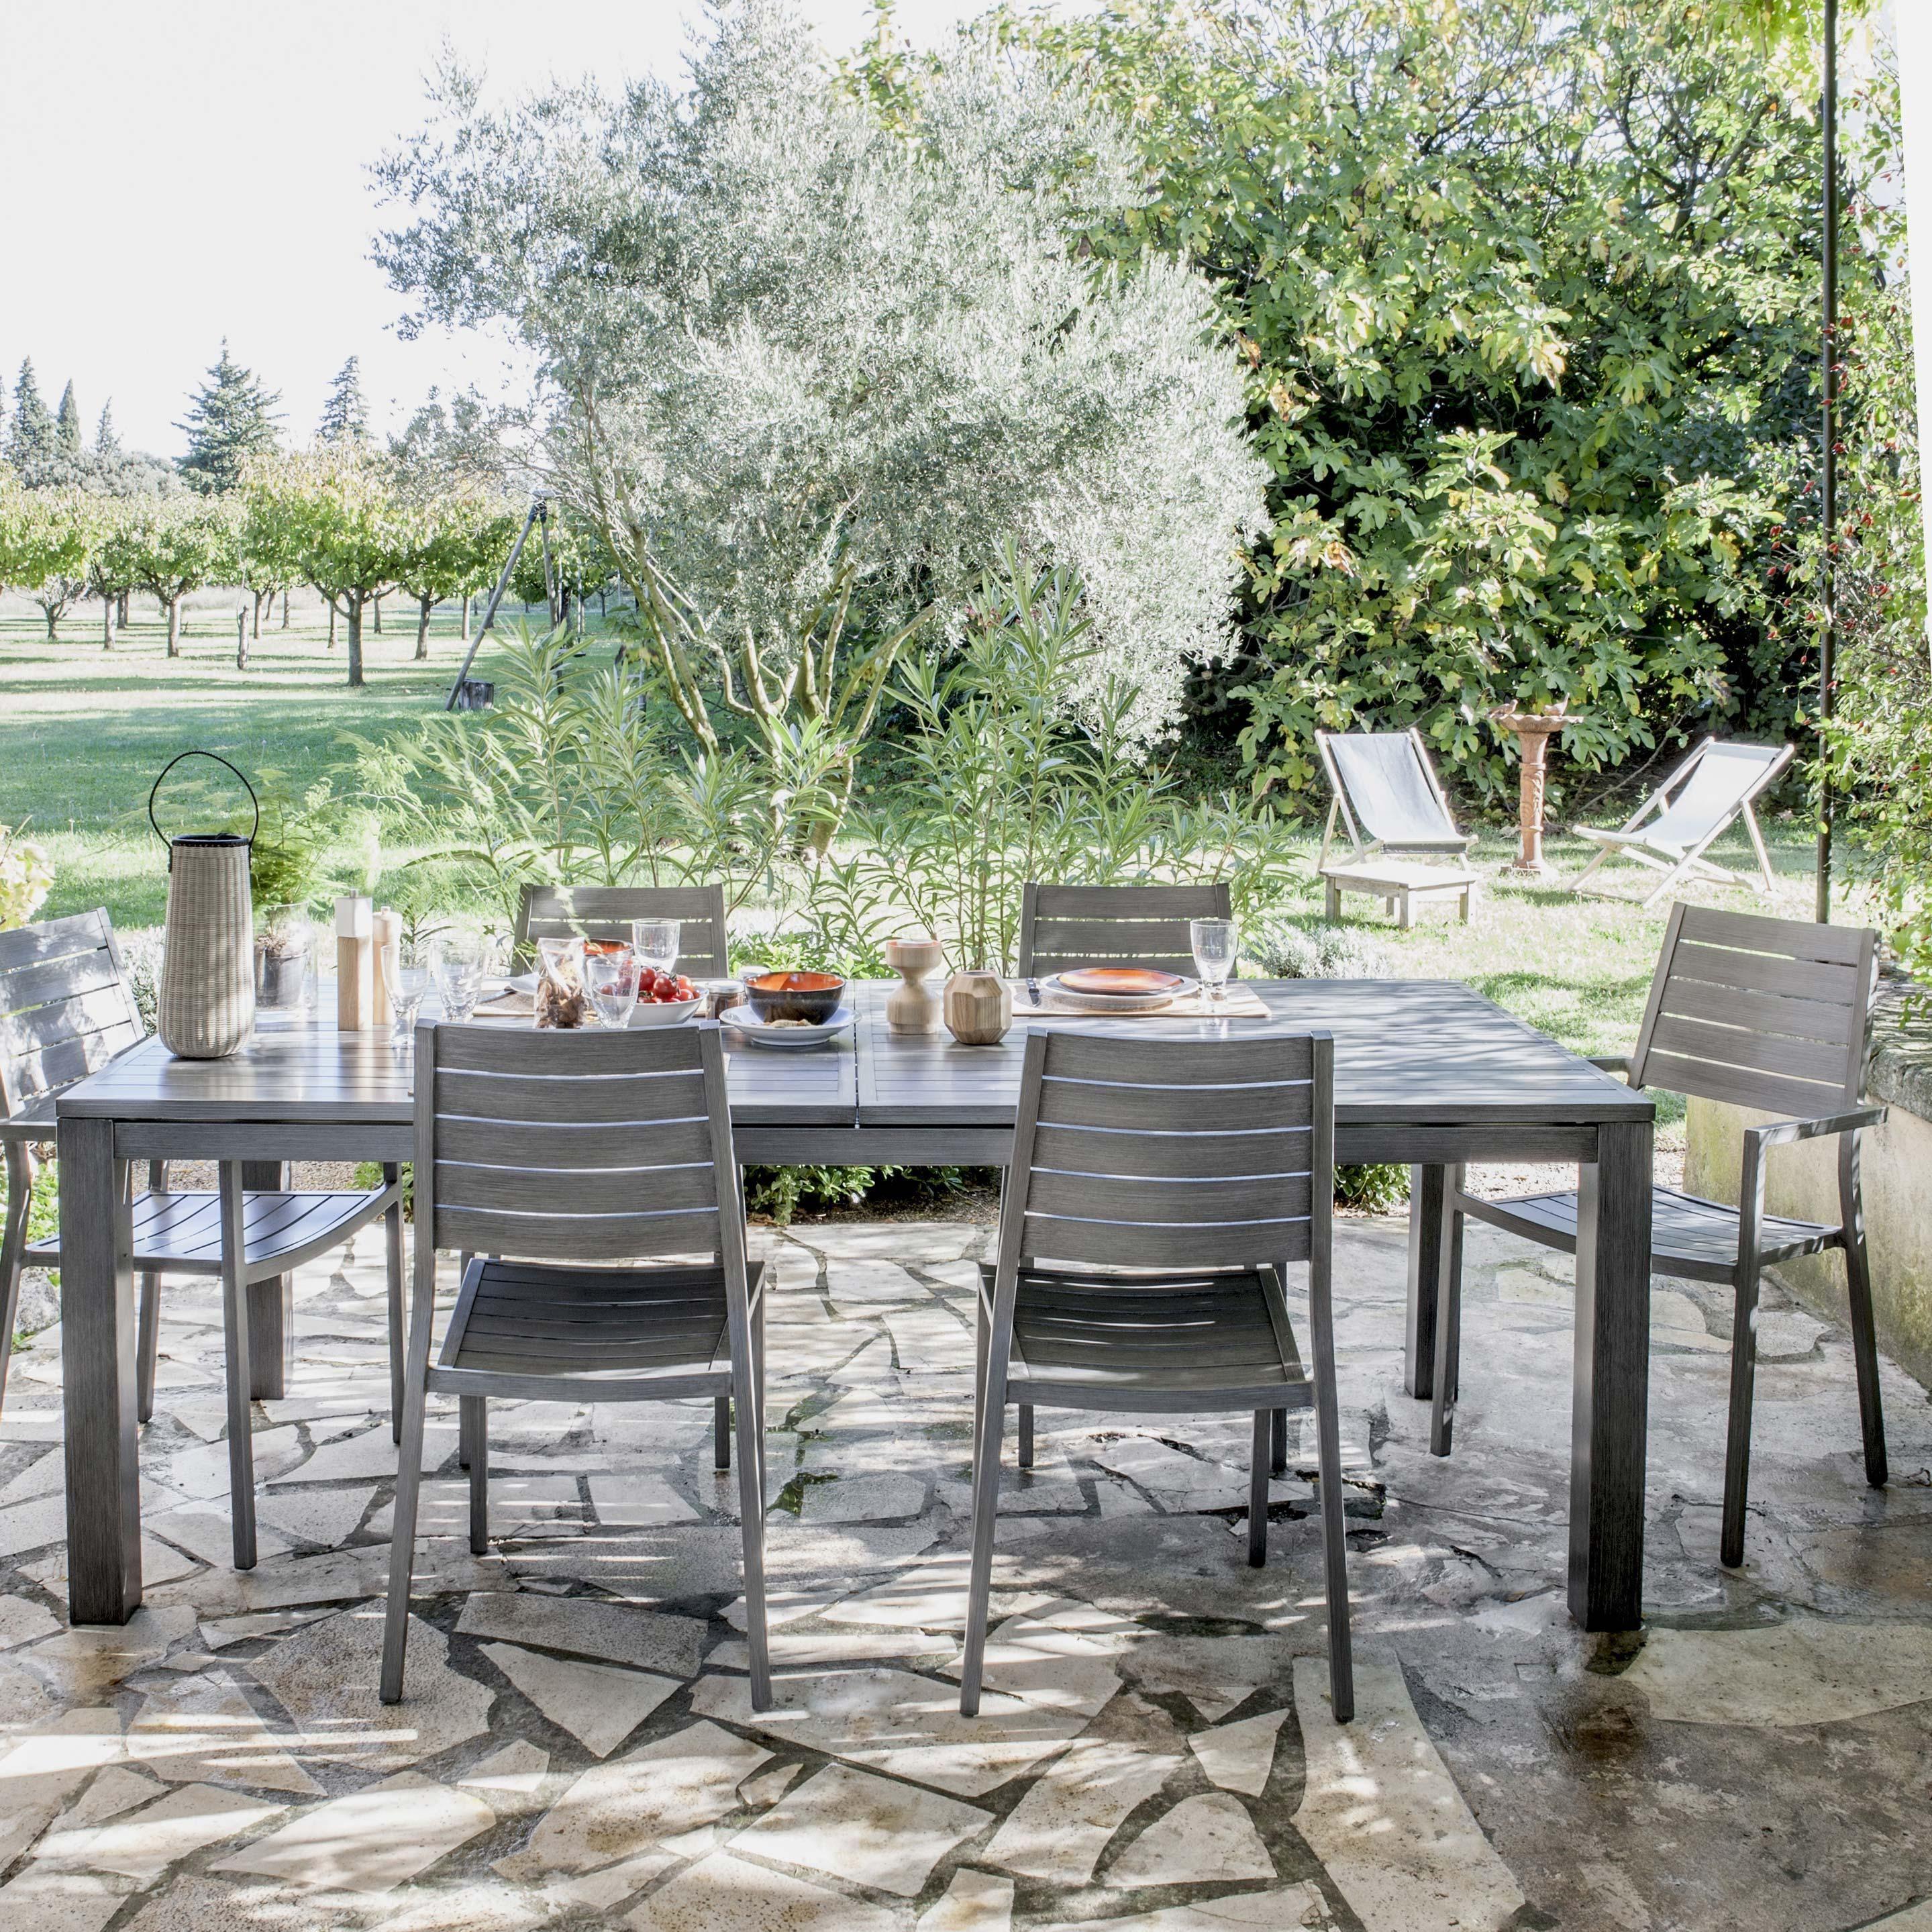 Salon de jardin Antibes NATERIAL gris, 6 personnes ...